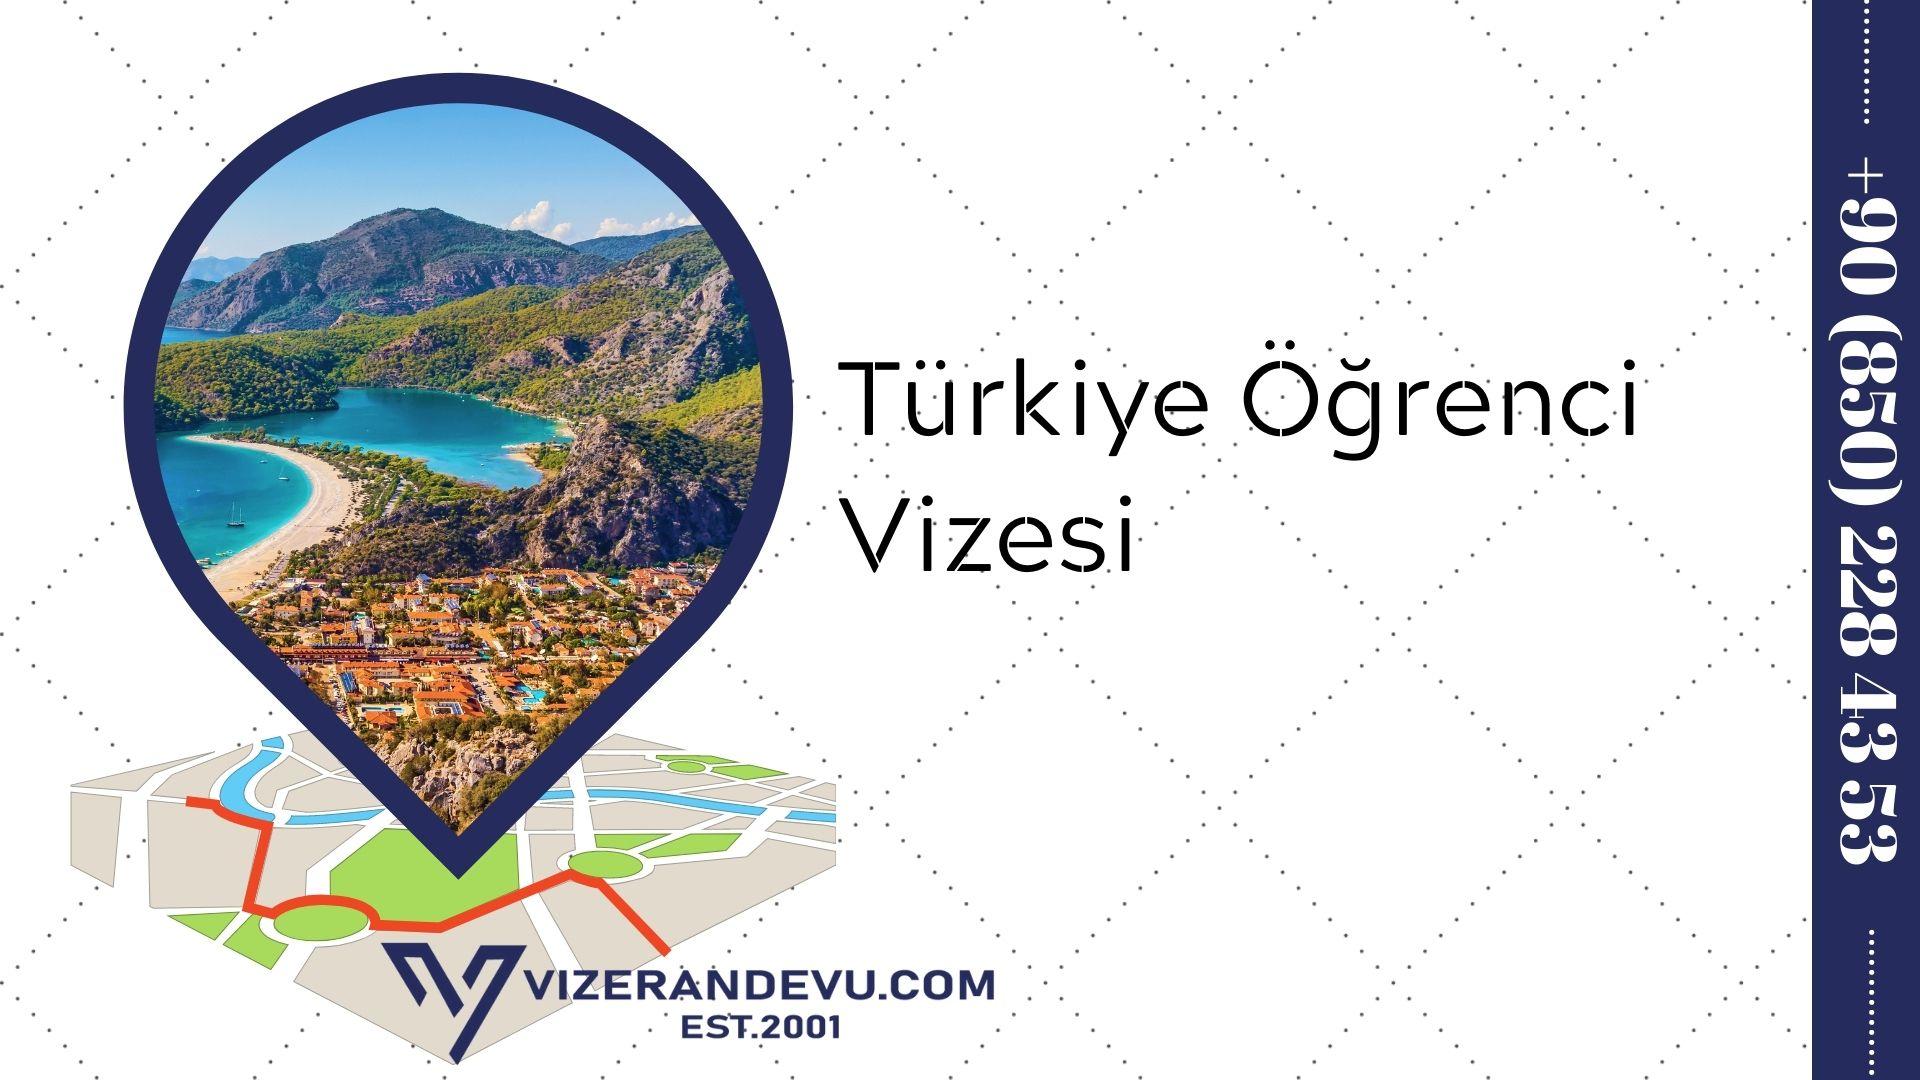 Türkiye Öğrenci Vizesi